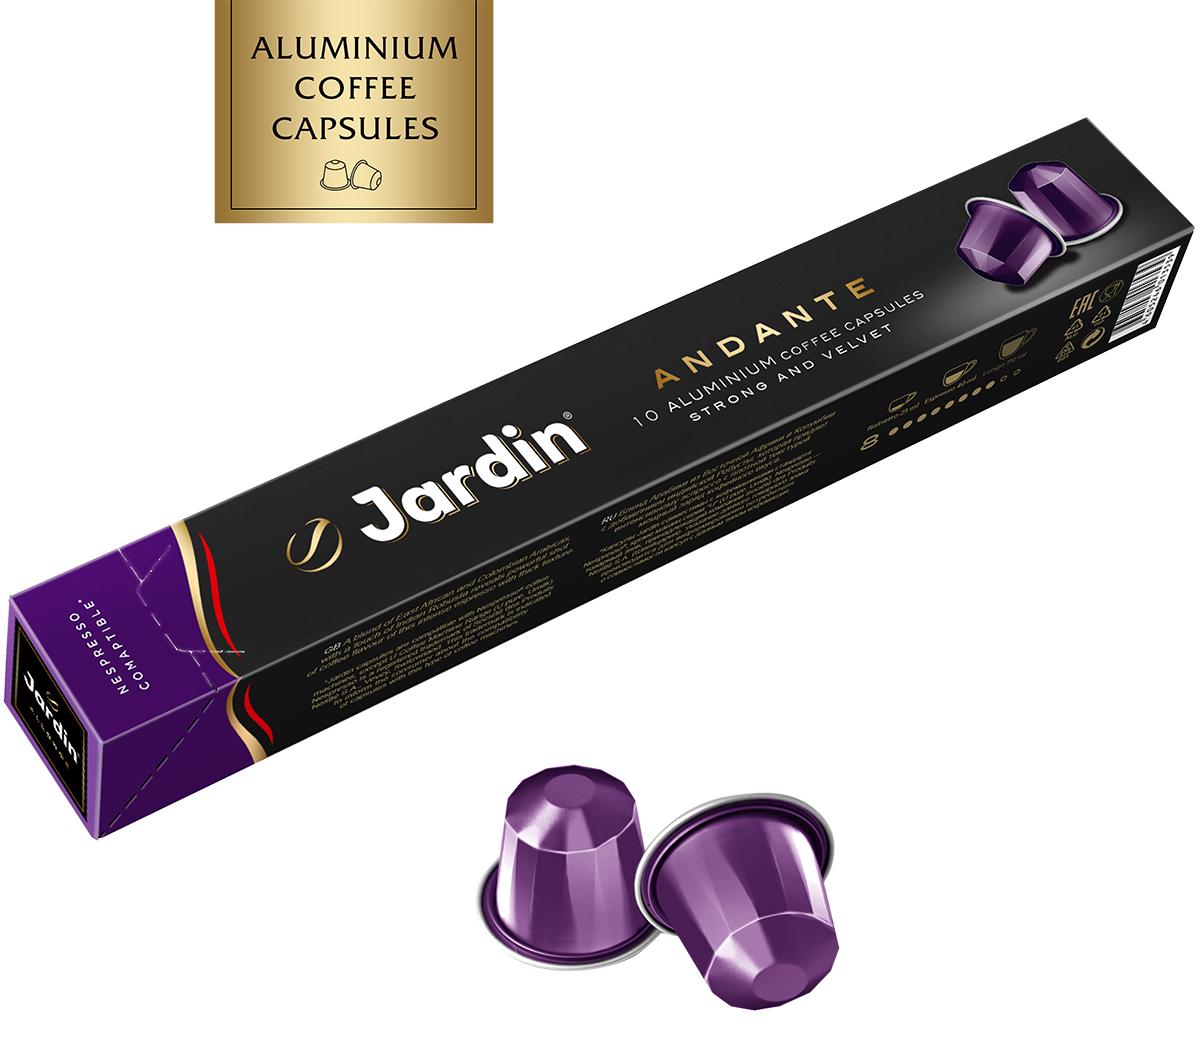 Jardin Andante кофе жареный молотый в алюминиевых капсулах, 10 шт по 5 г кофе в капсулах tassimo карт нуар кафе лонг интенс 128г